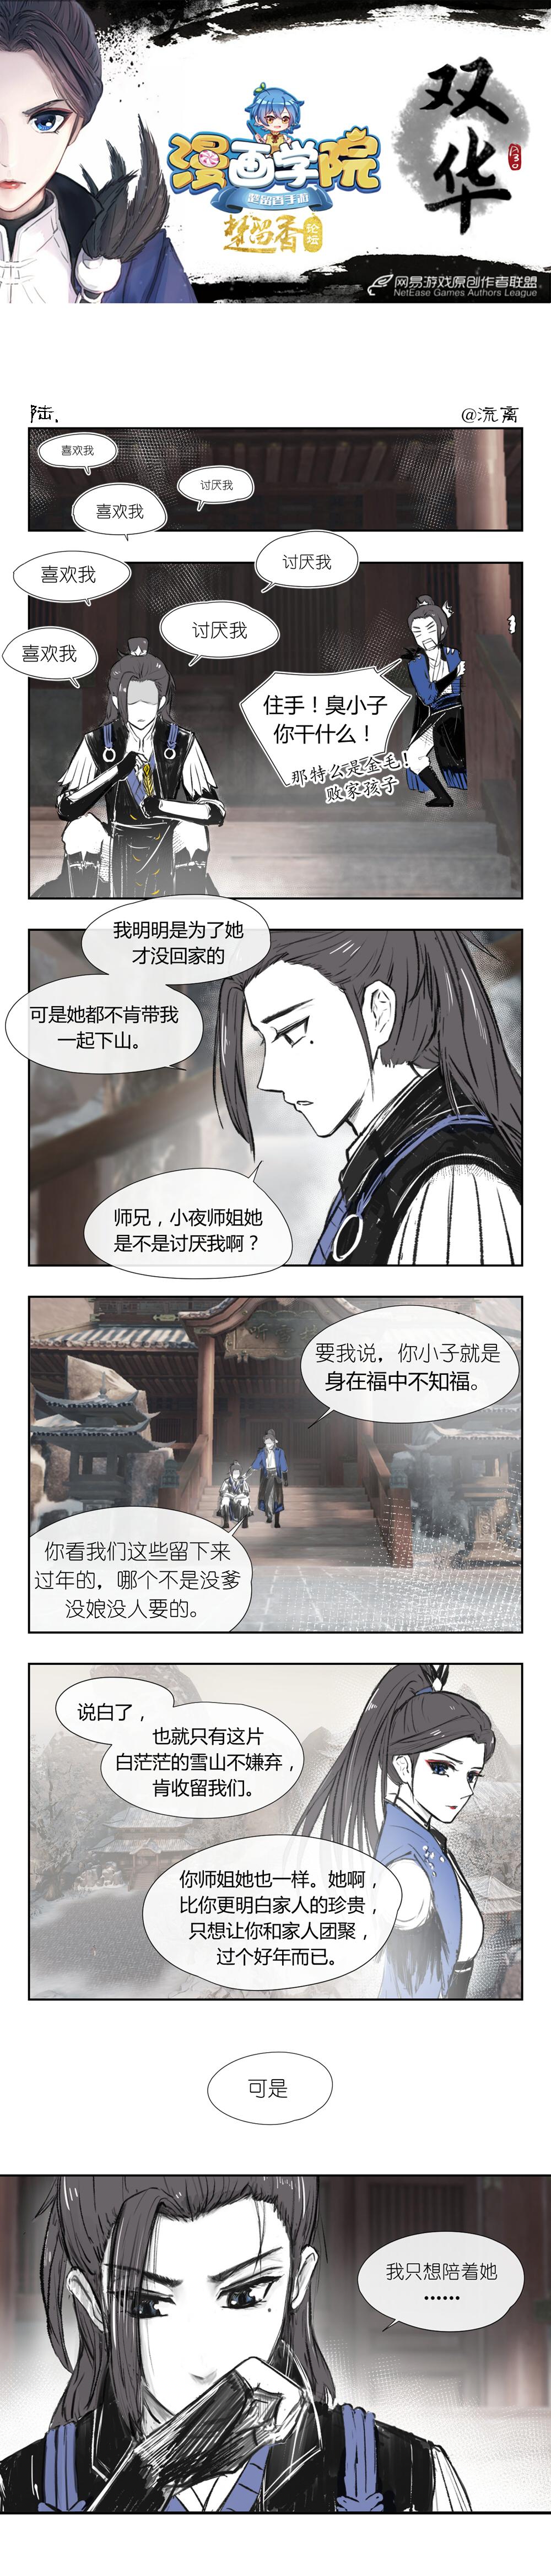 【原创作者联盟】【漫画学院】[双华6]师姐到底喜不喜欢我